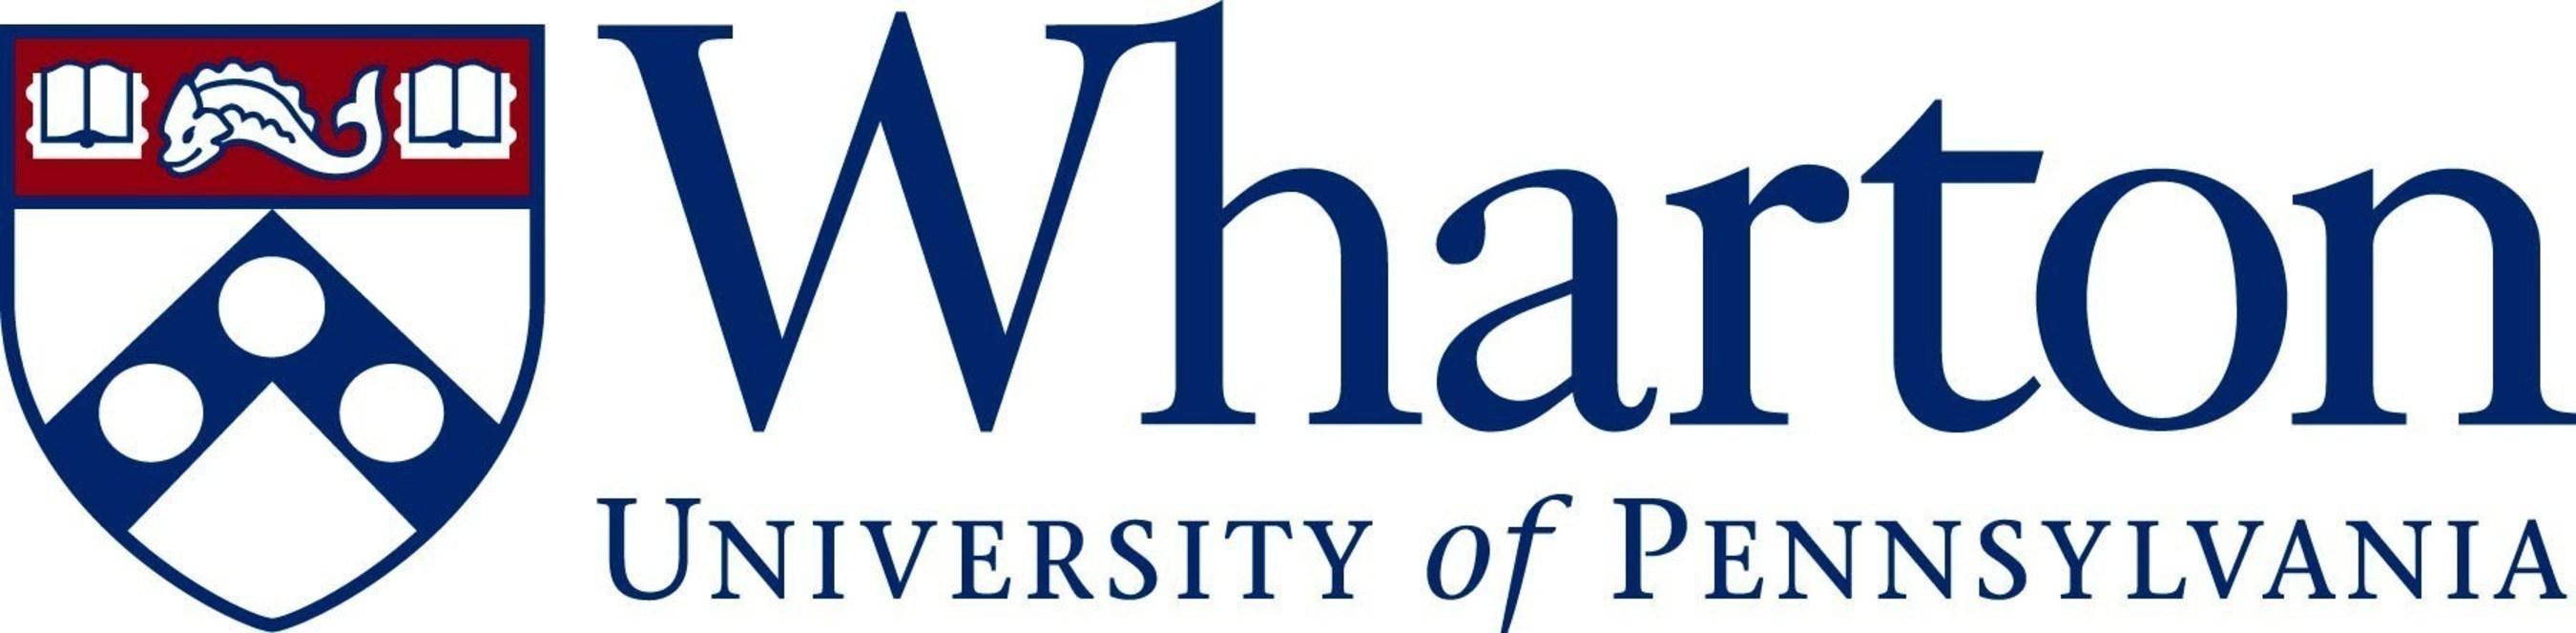 The Wharton School Logo